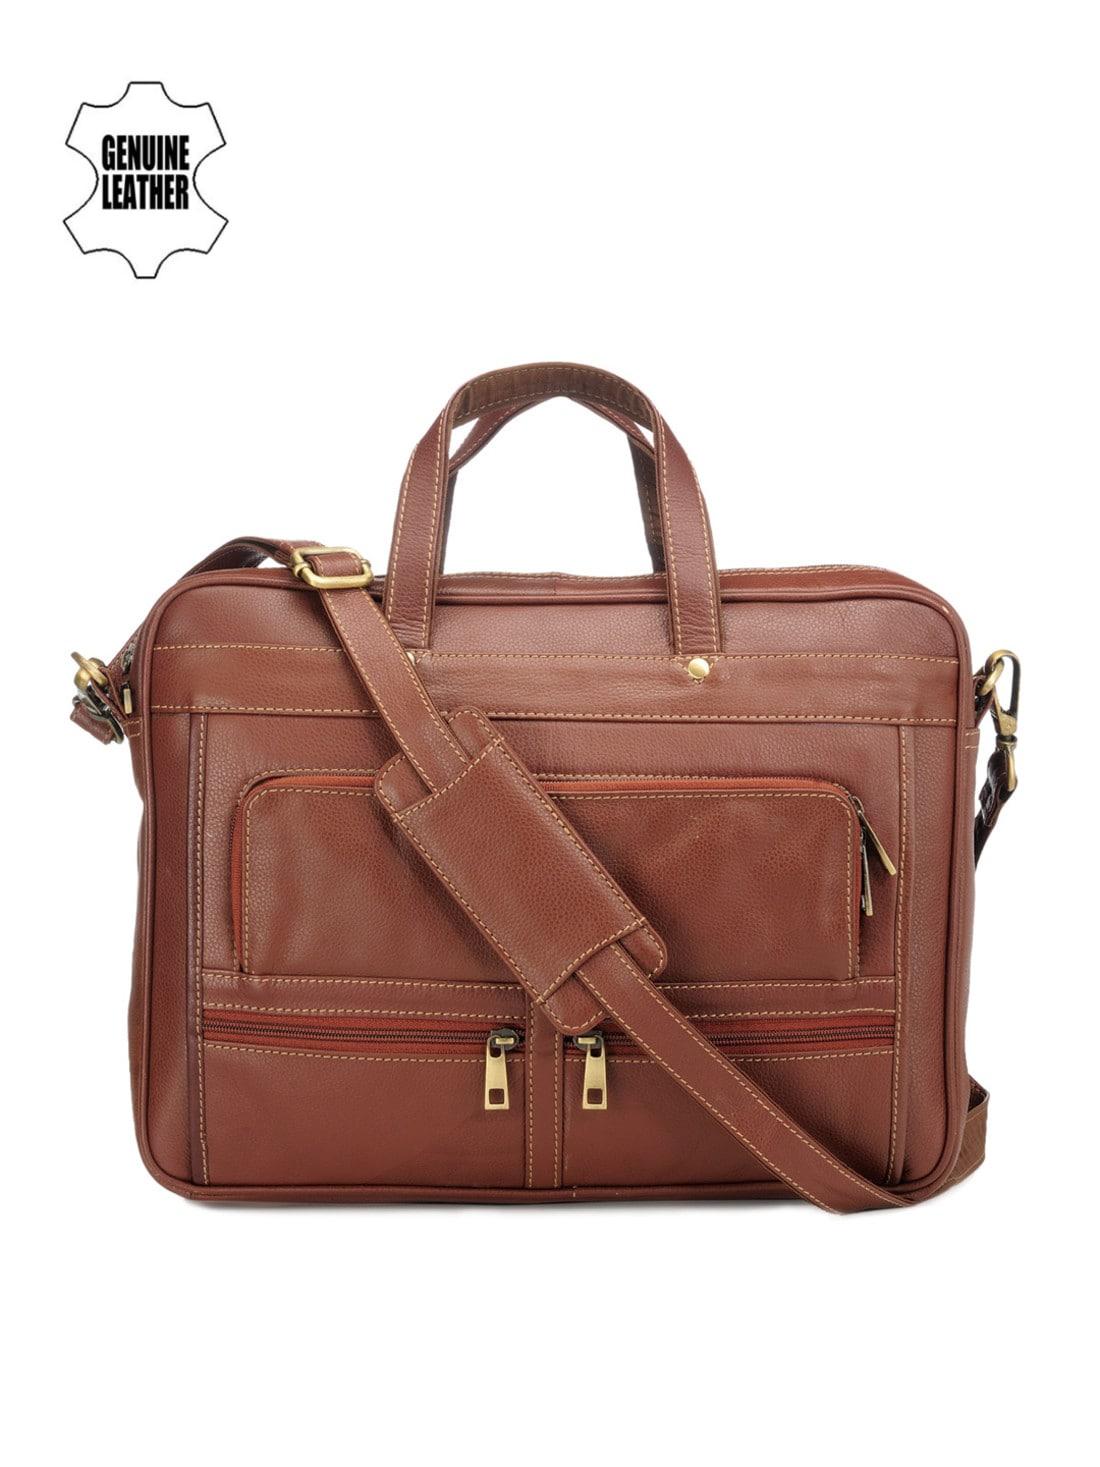 26a4959124 Men s Laptop Bag - Buy Laptop Bag for Men Online in India